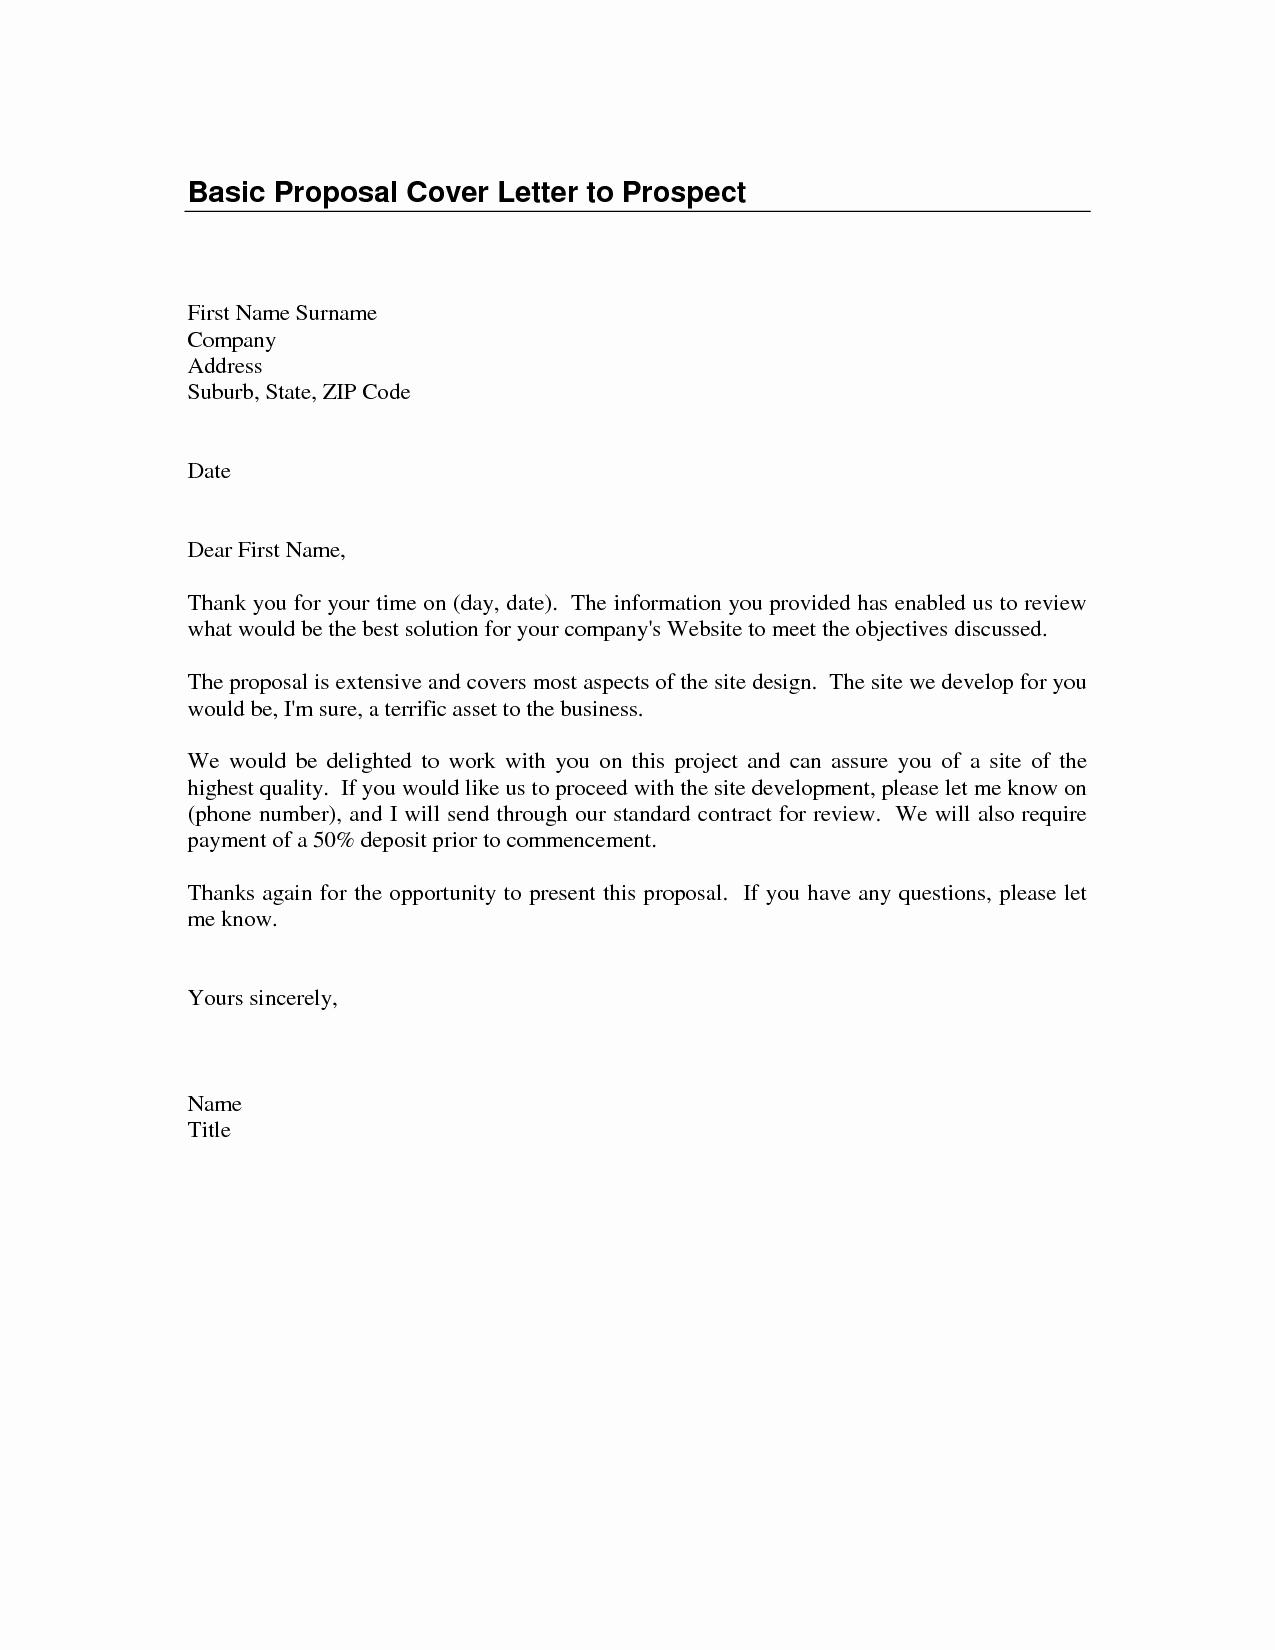 Free Job Cover Letter Template Fresh Basic Cover Letter Sample Basic Cover Letters Free